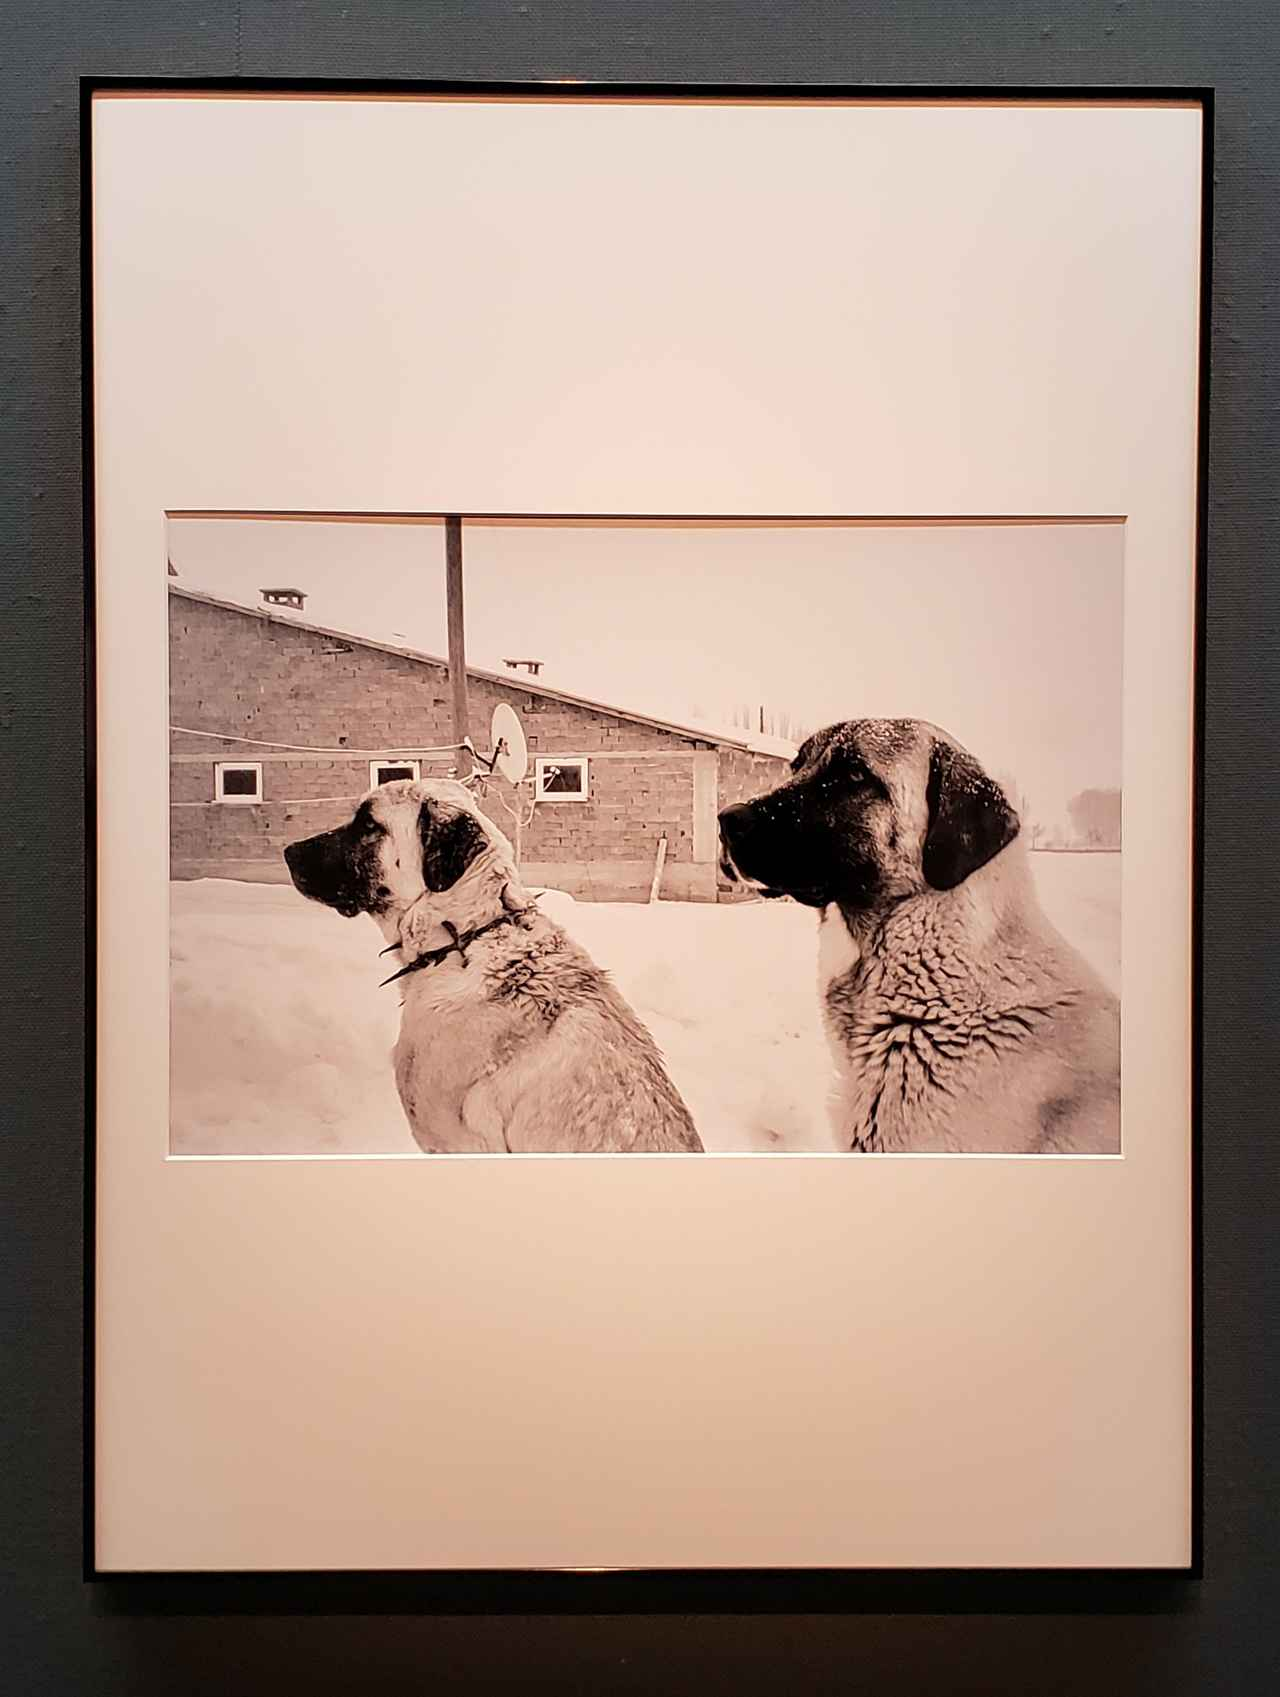 画像: オオカミから喉元を狙われるのを防ぐため、鉄のとげとげのついた首輪がはめられたカンガル。最初にオオカミと対決するカンガルにつけられるそう。(カンガルは一般的に連想されるカンガルーとは関係ないそうです。)